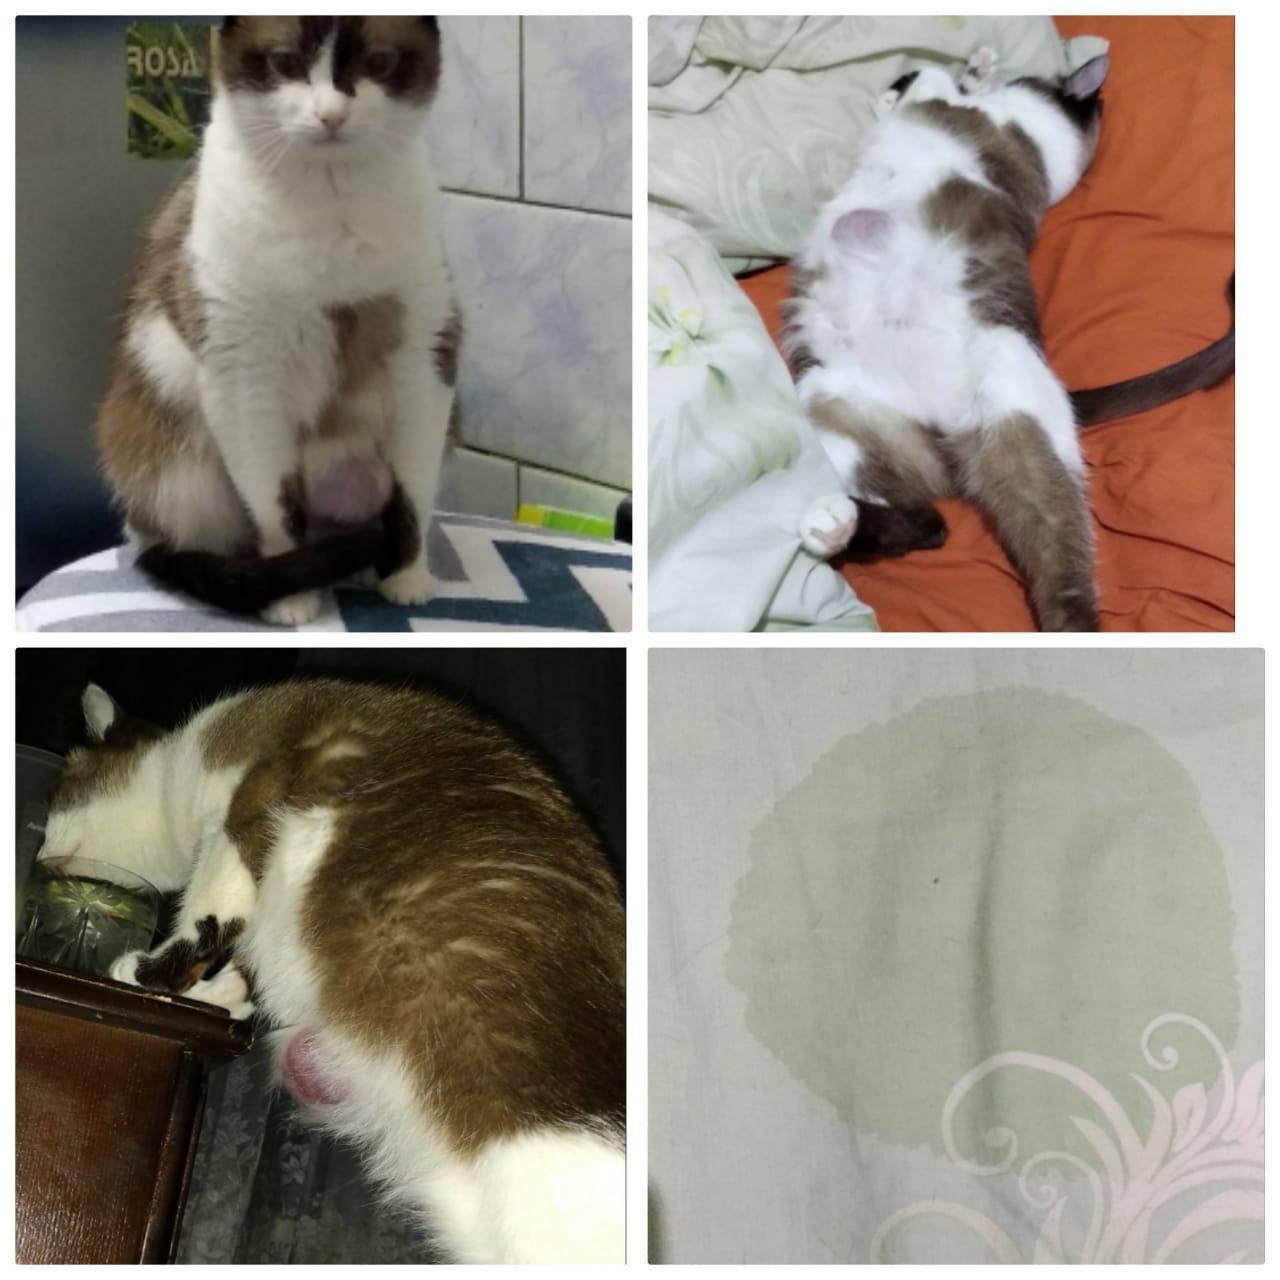 Причины раздутия живота у кошки, основные симптомы и лечение животного